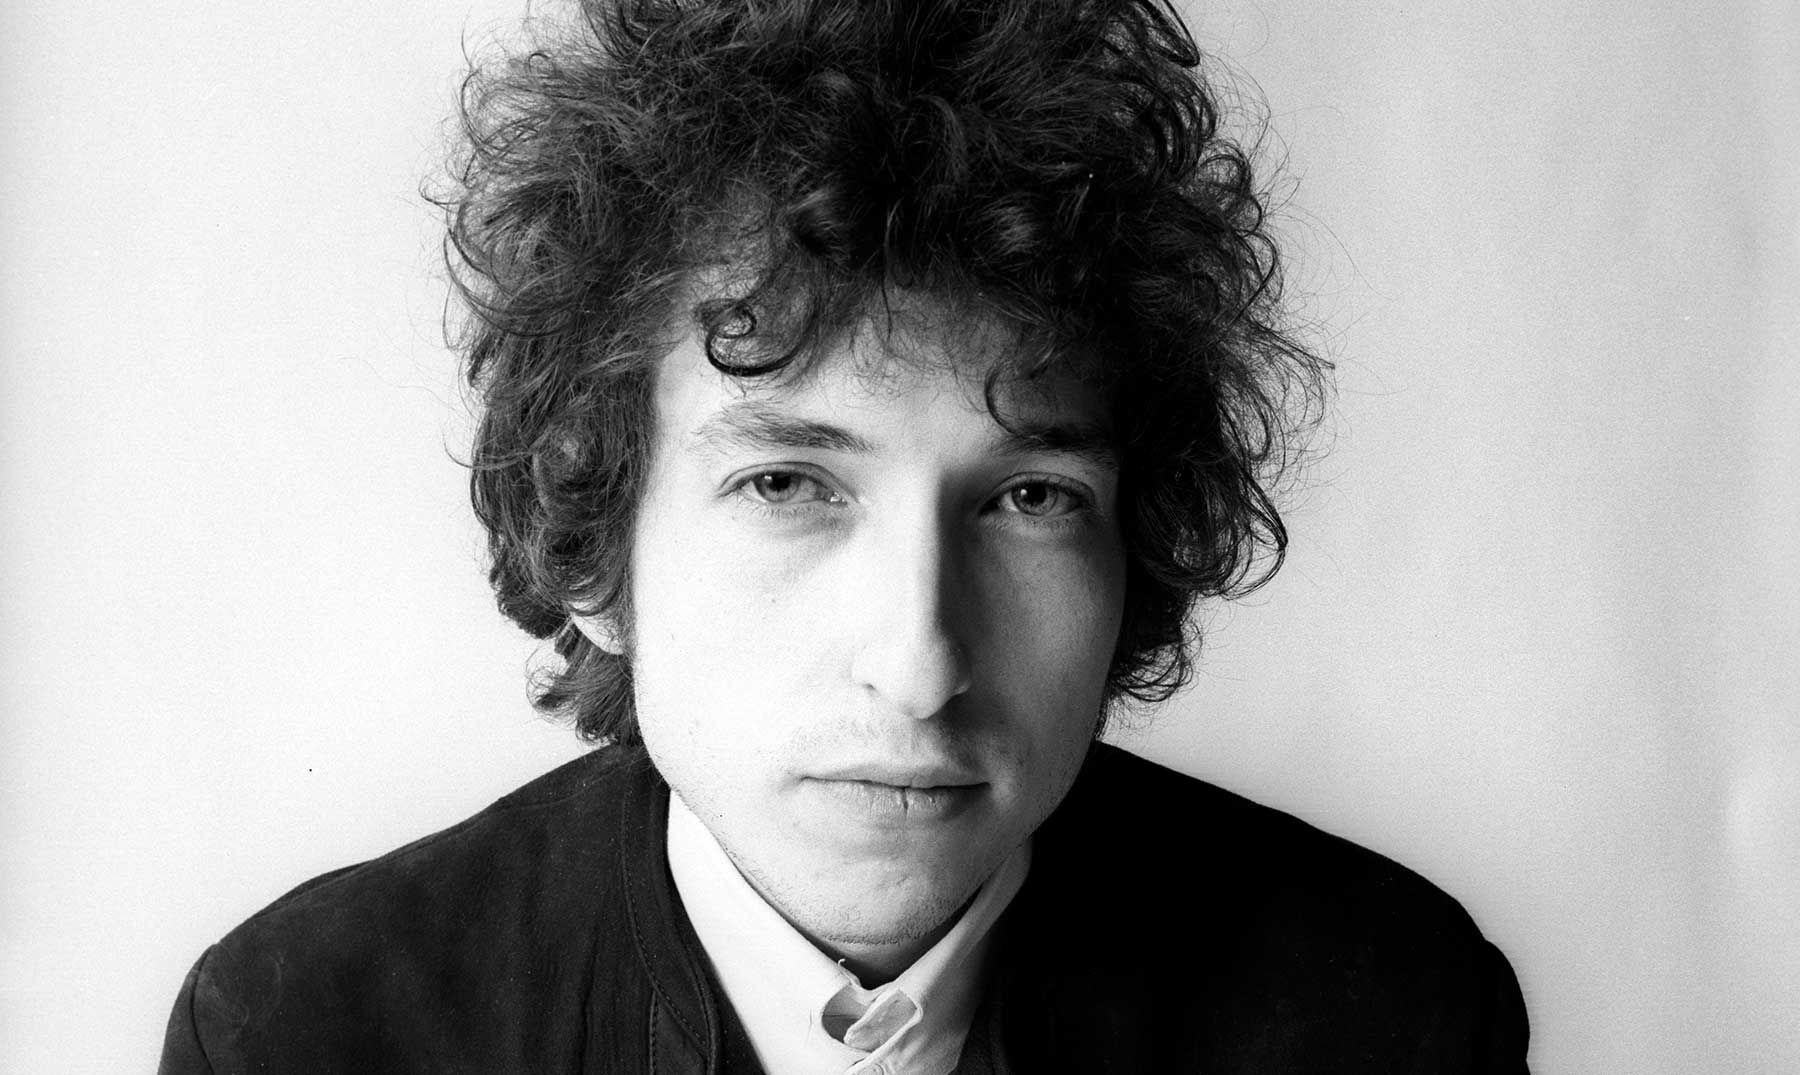 100 Frases De Bob Dylan Genio De La Canción Protesta Con